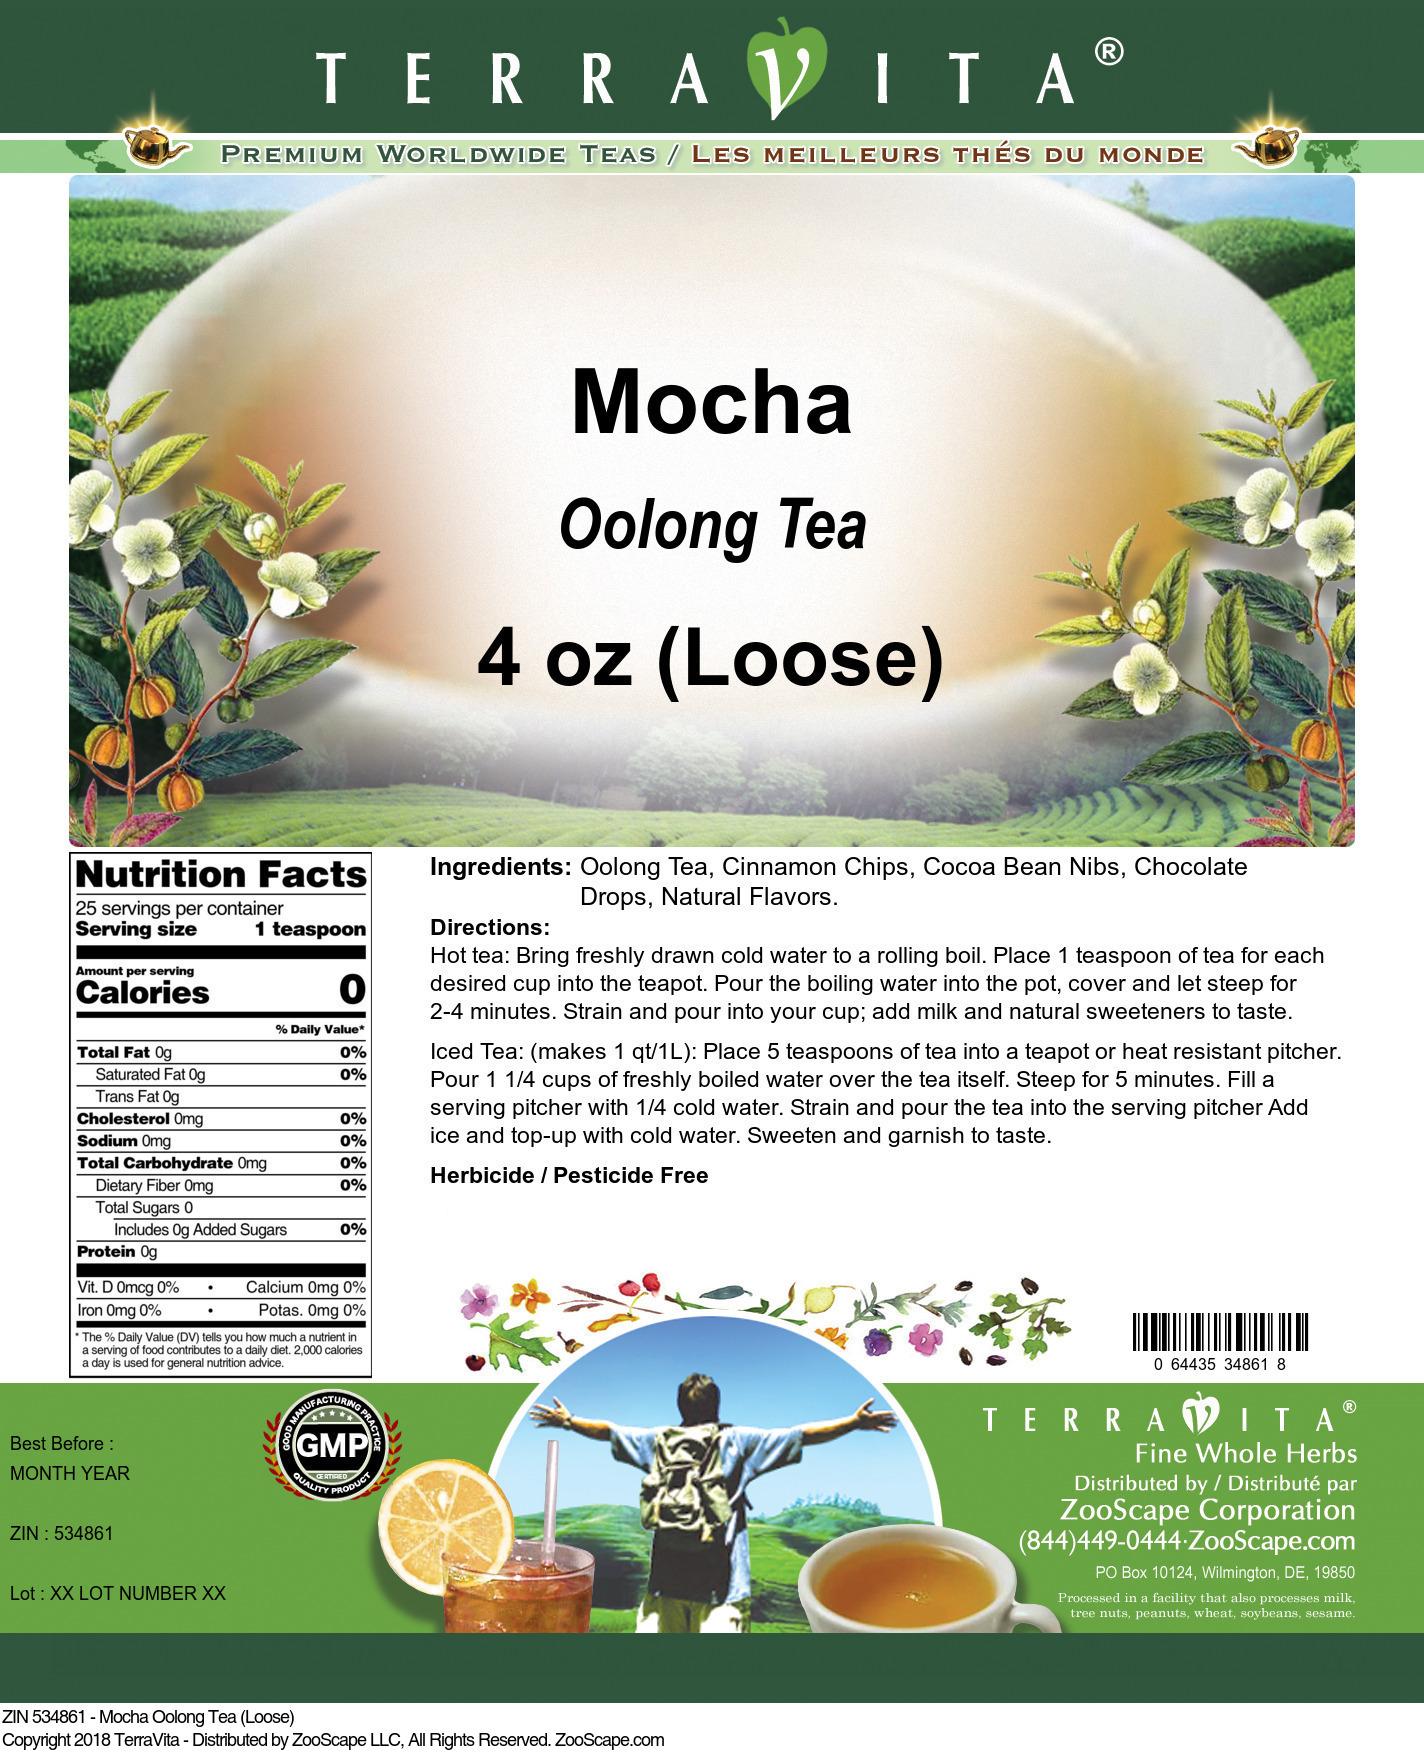 Mocha Oolong Tea (Loose)